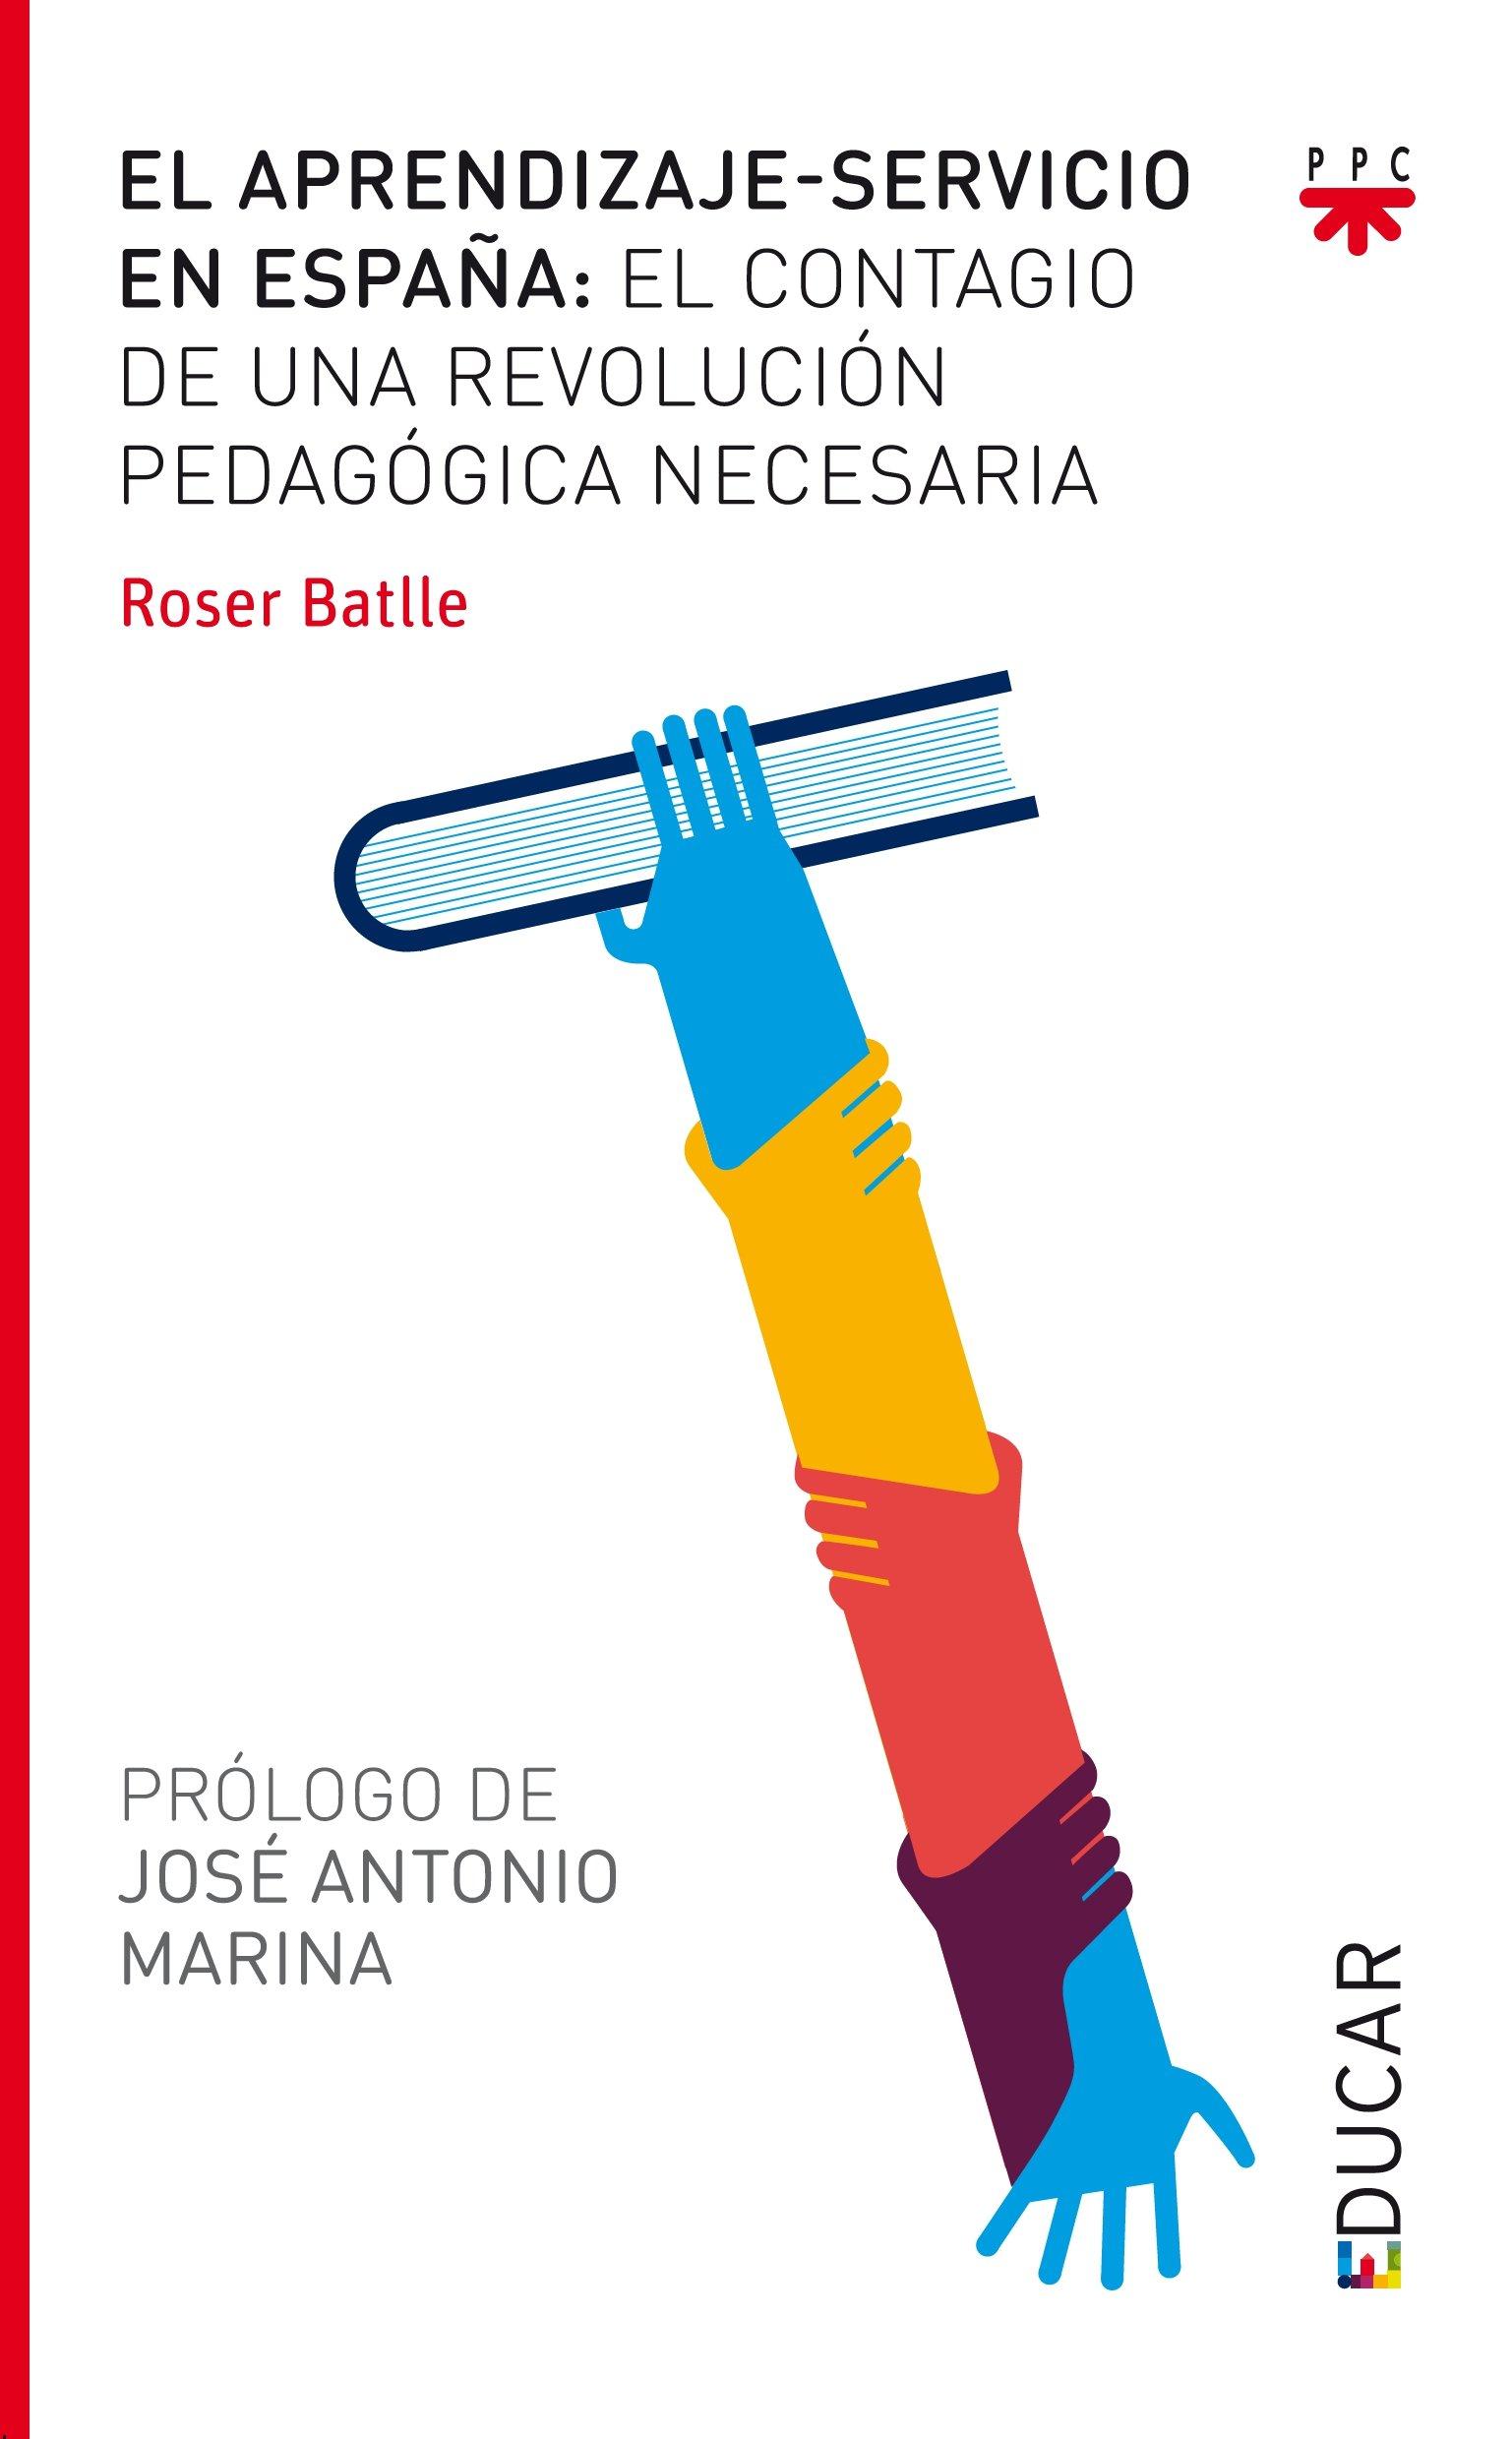 El Aprendizaje-Servicio En España (Educar): Amazon.es: Batlle Suñer, Roser, Marina, José Antonio: Libros